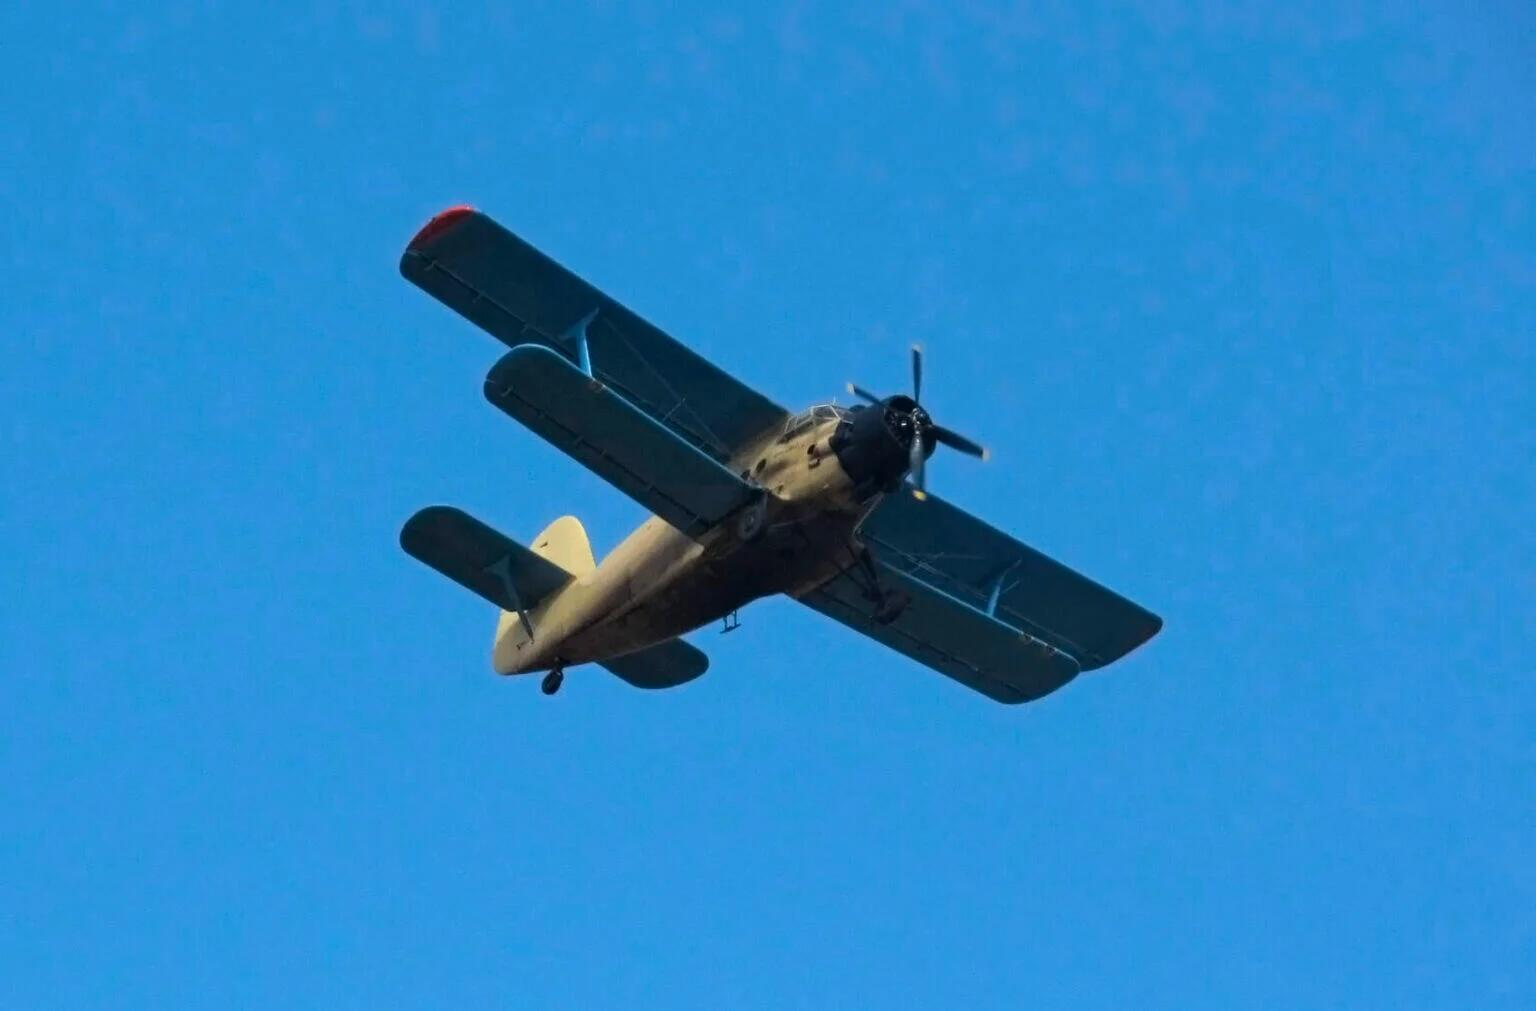 【莆田快猫网址】_阿塞拜疆把年过半百的老飞机改造成无人机 用于空中侦察